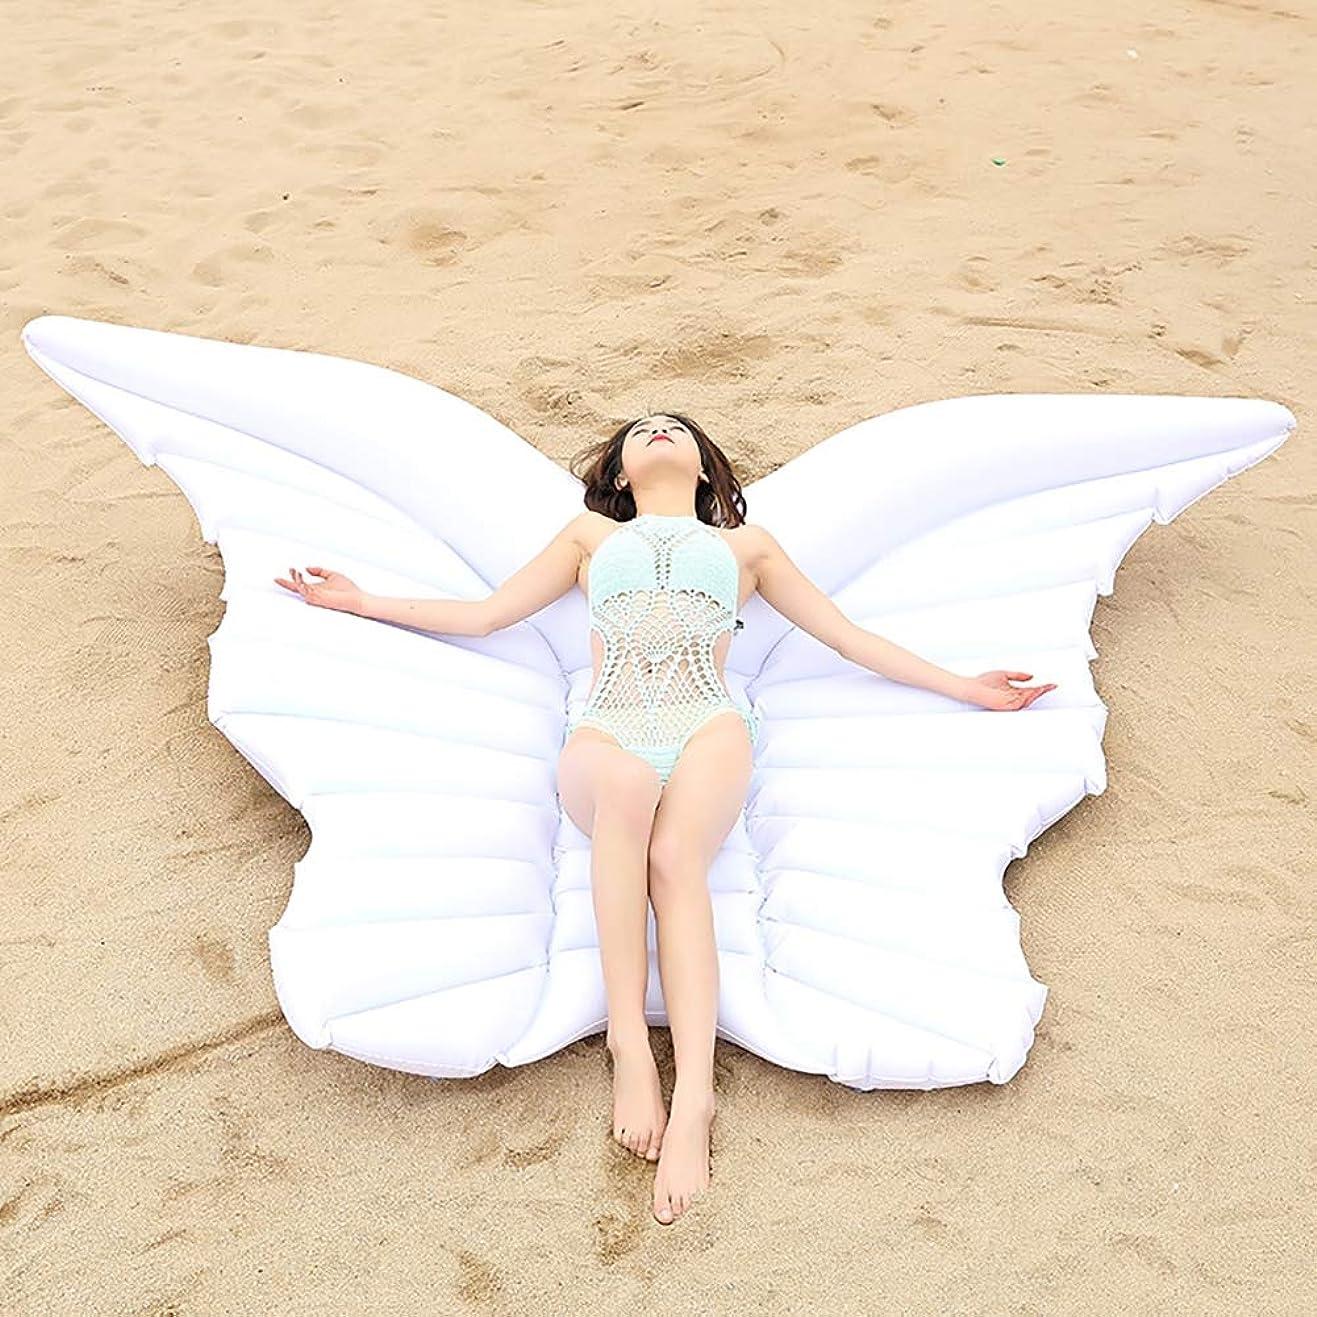 聖なる樹皮手屋外水泳フローティングベッドインフレータブルクッションサイズ:240 cm * 145 cm pvc天使の羽フローティング大人排水リクライニングチェア